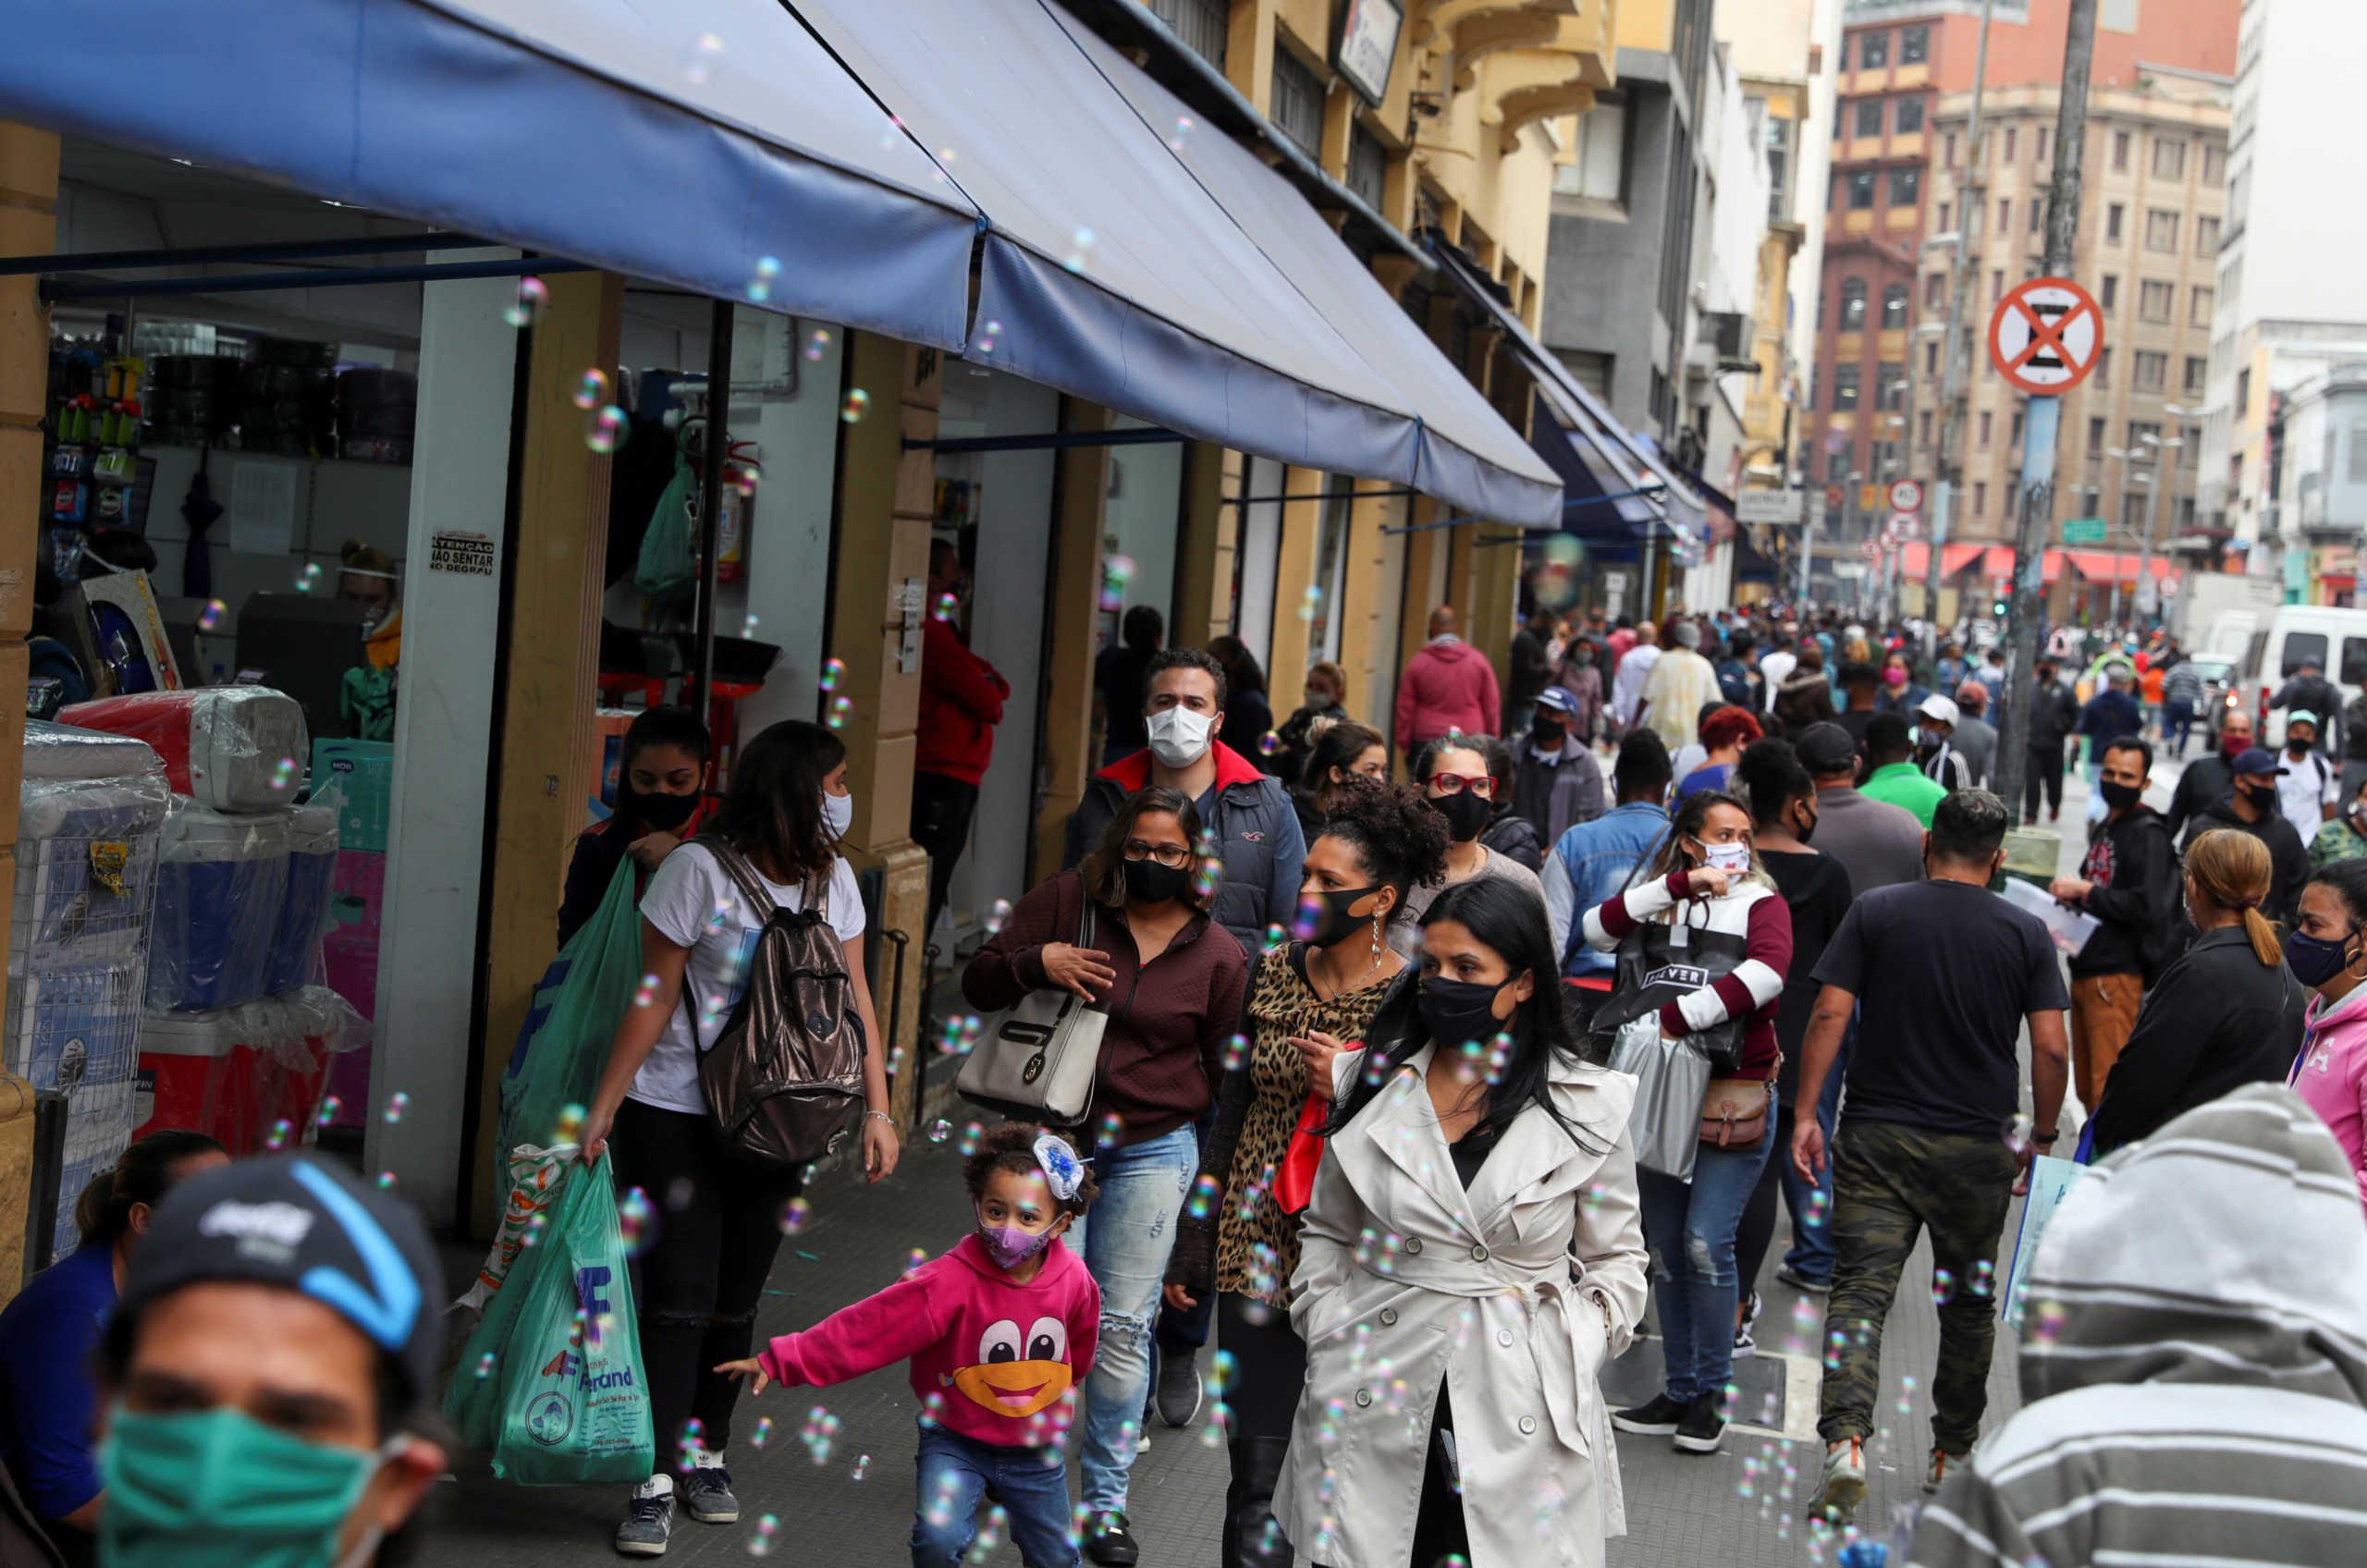 Κορονοϊός: Ανησυχητική αναζωπύρωση στη Βραζιλία – Ρεκόρ στους ημερήσιους θανάτους